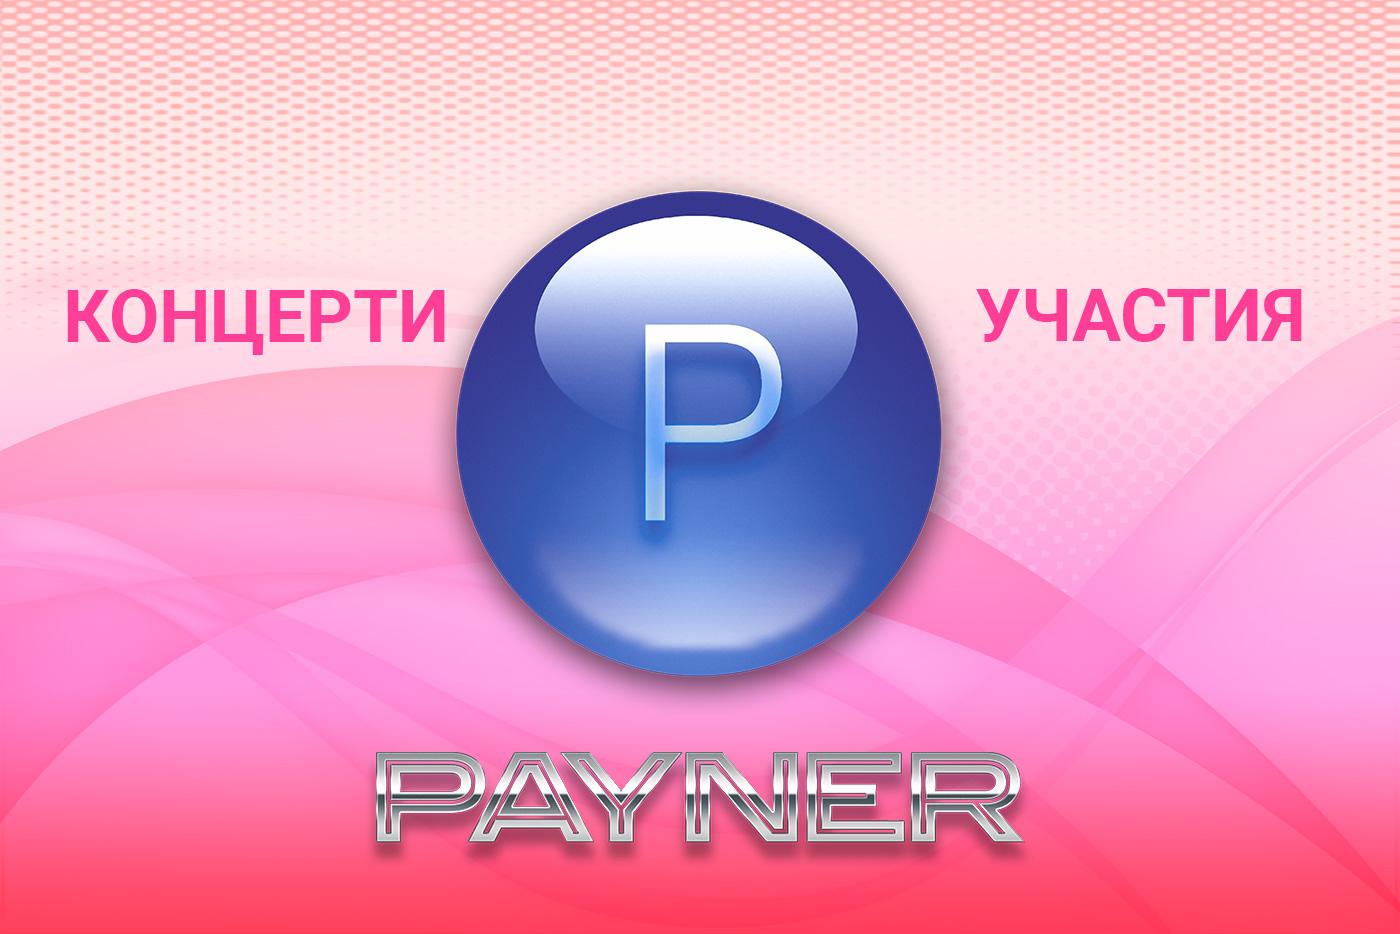 """Участия на звездите на """"Пайнер"""" на 23.07.2019"""